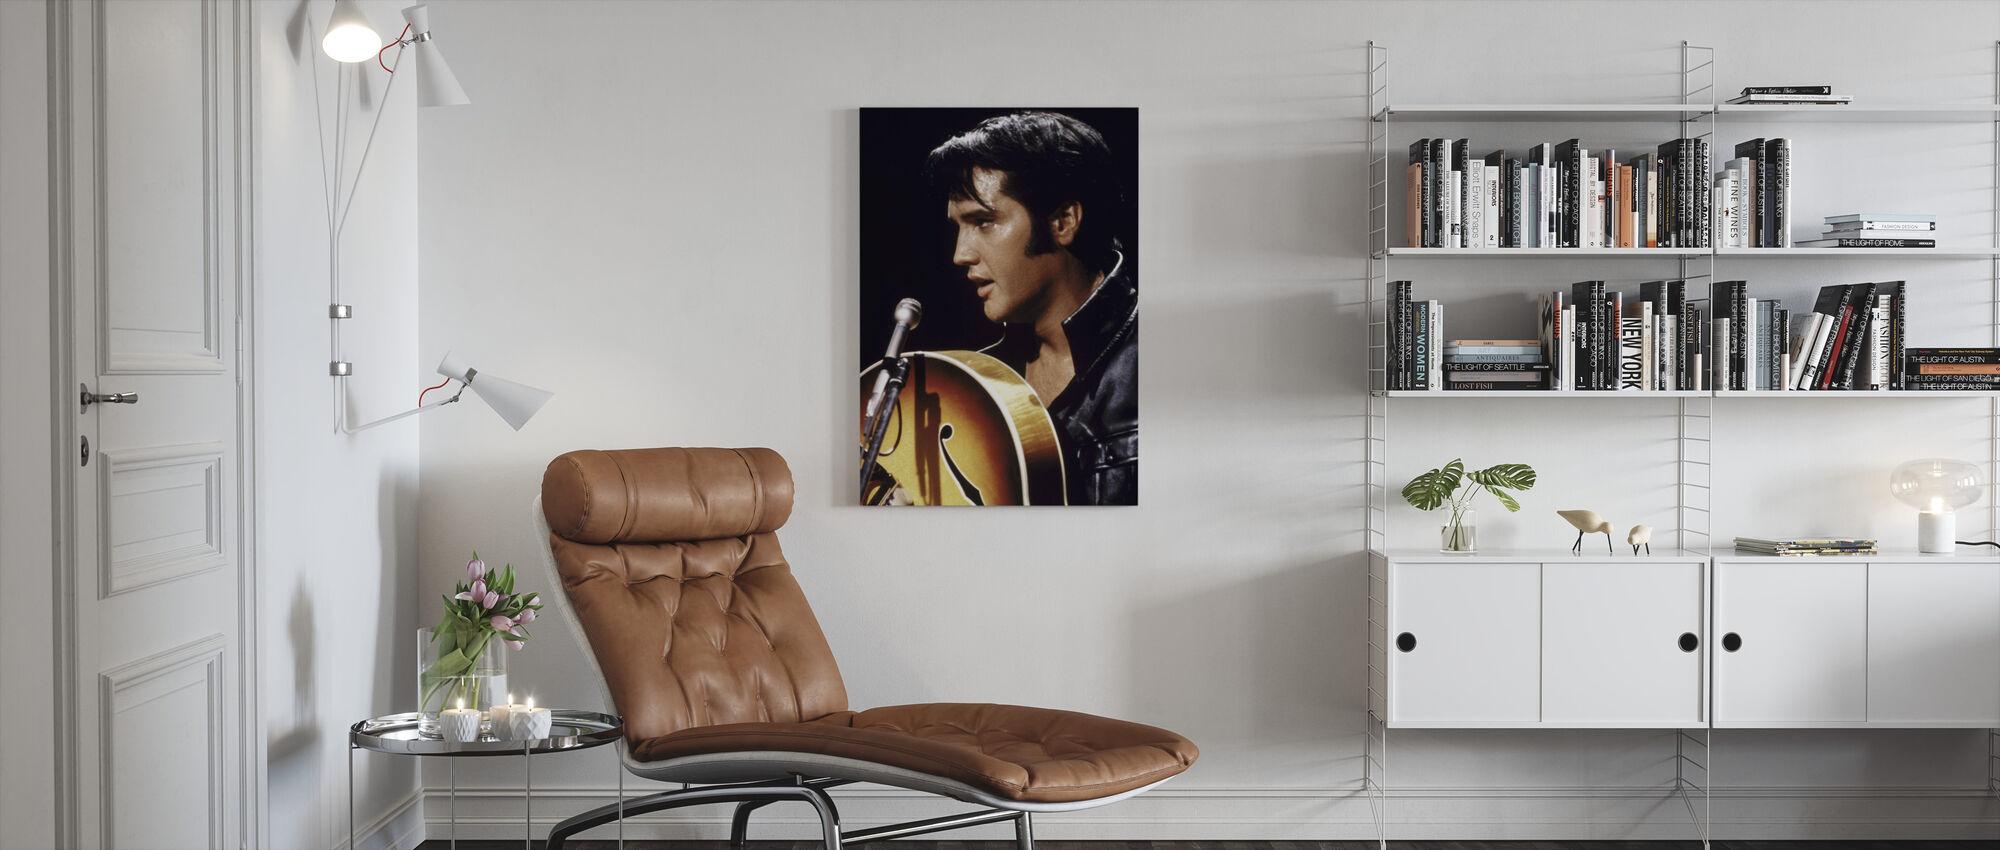 Elvis - Leinwandbild - Wohnzimmer